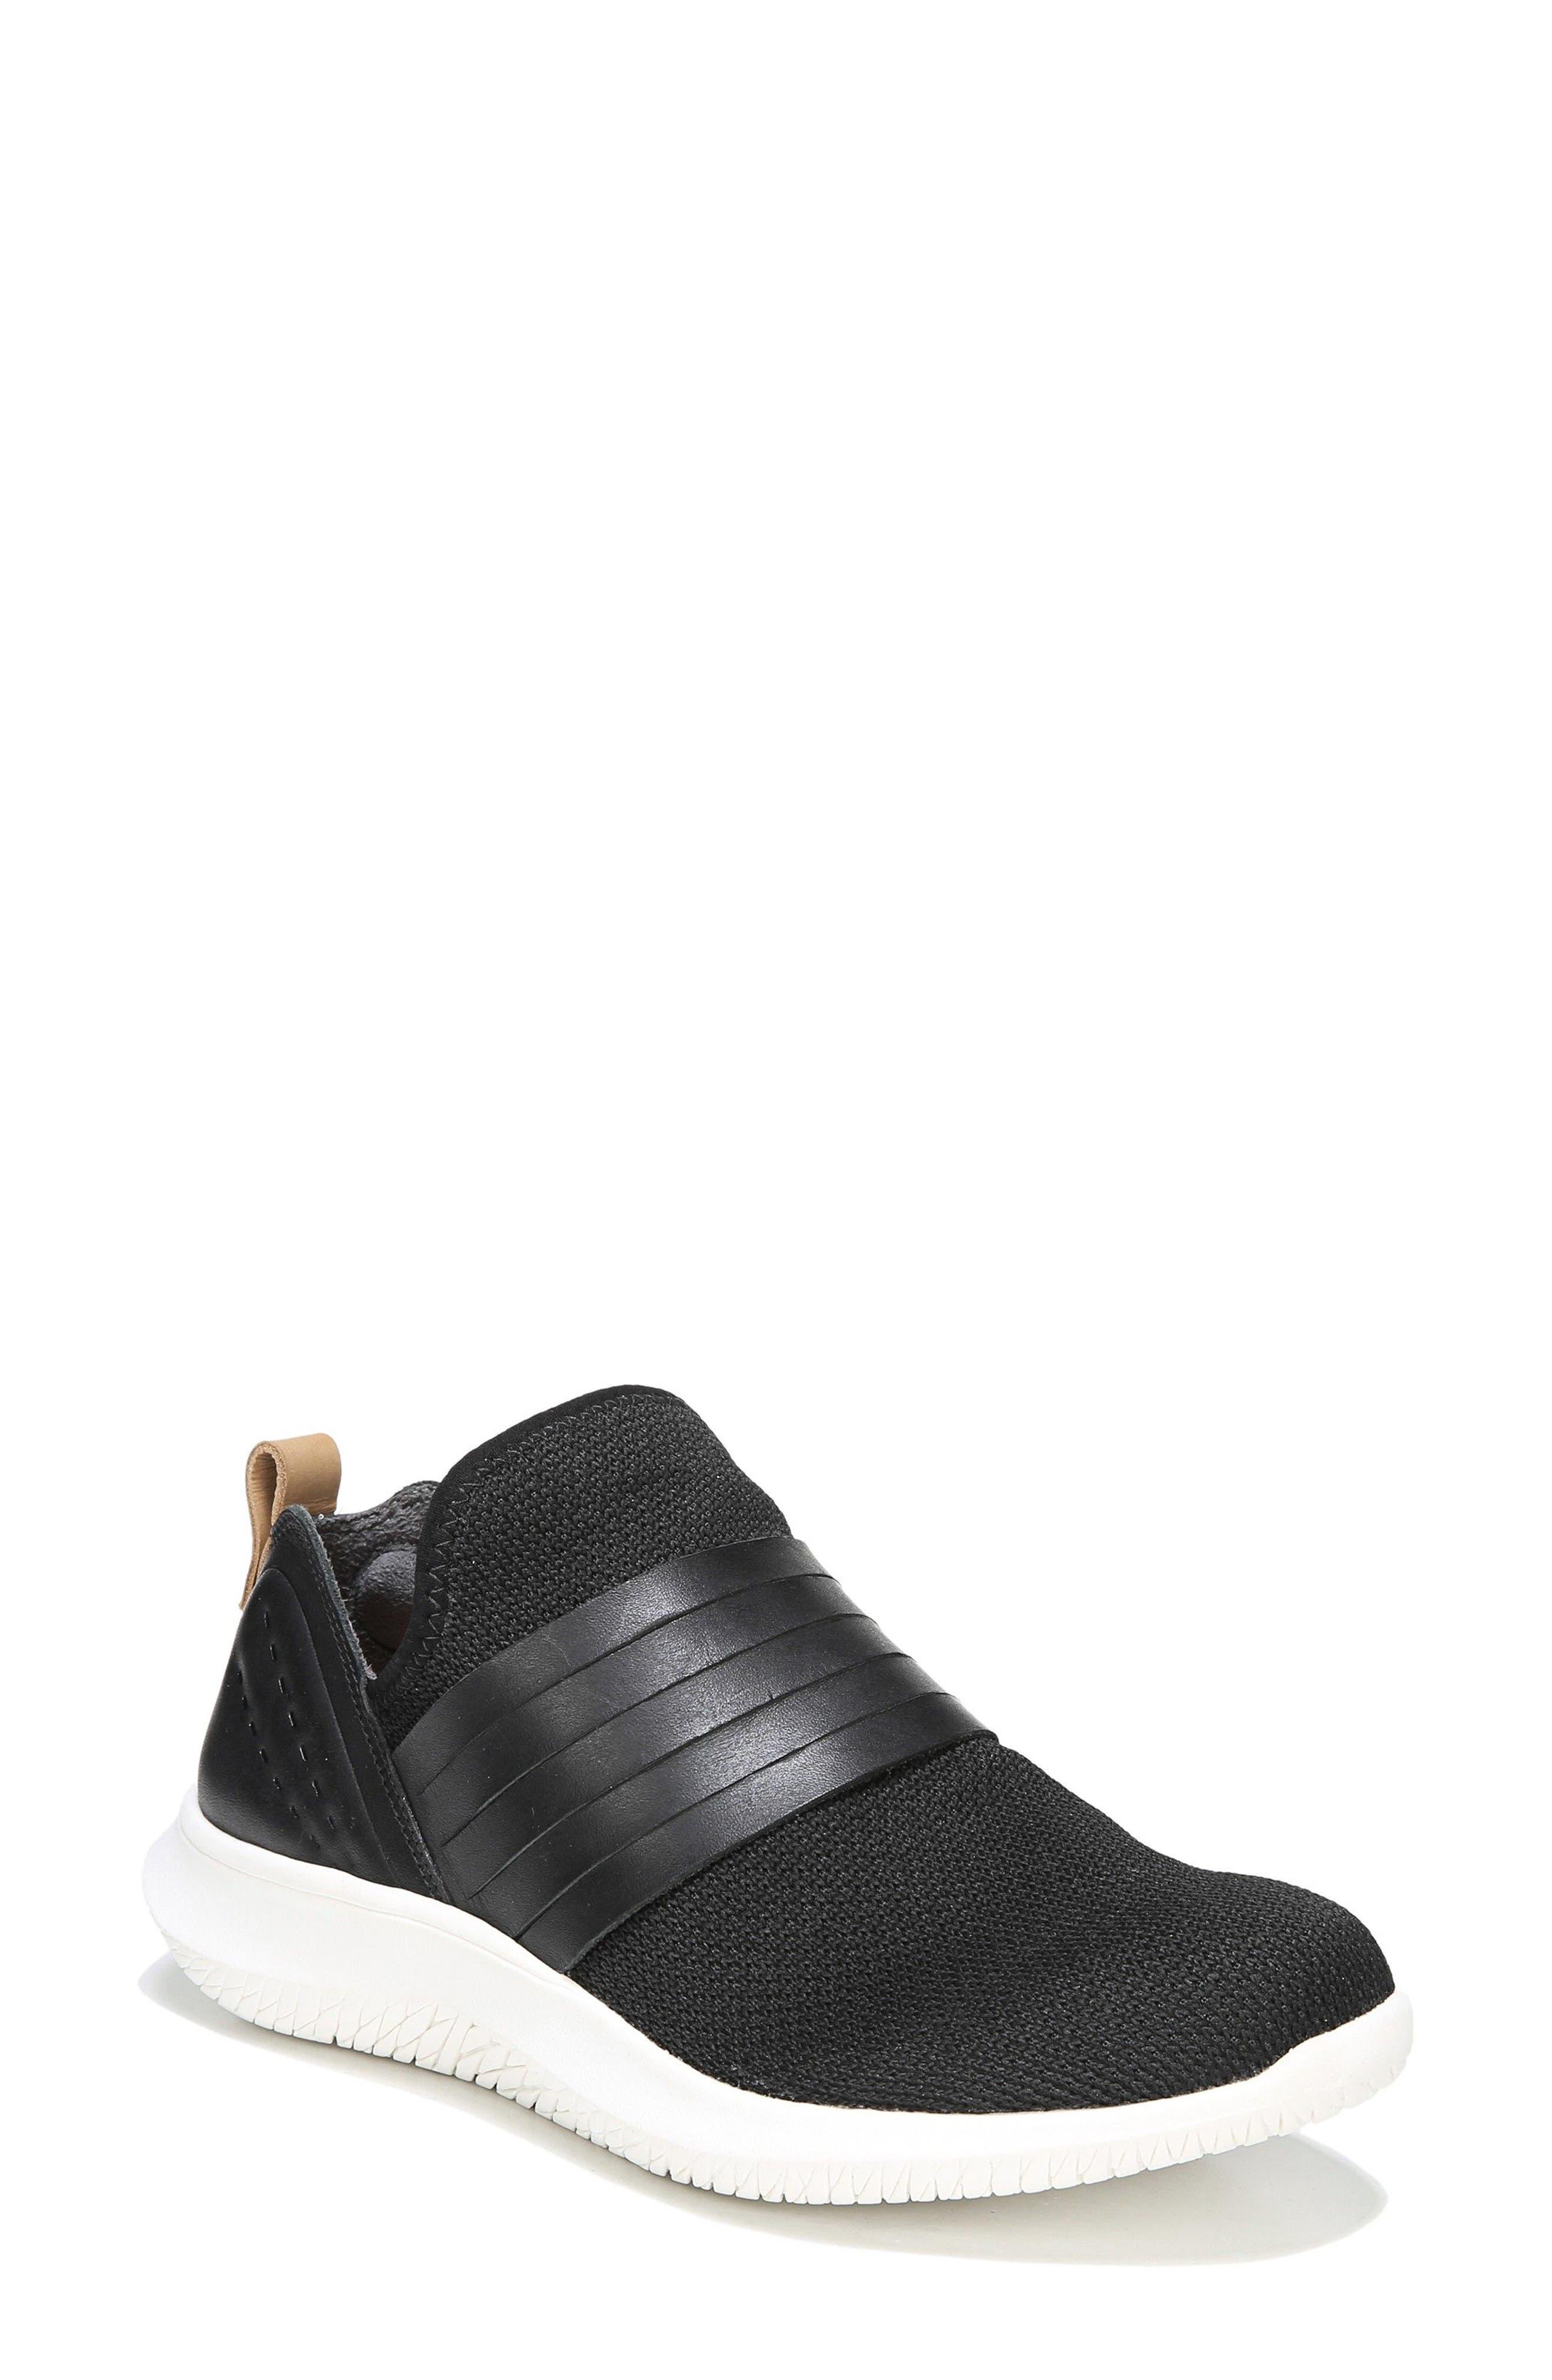 Fierceness Knit Slip-On Sneaker,                         Main,                         color, 001